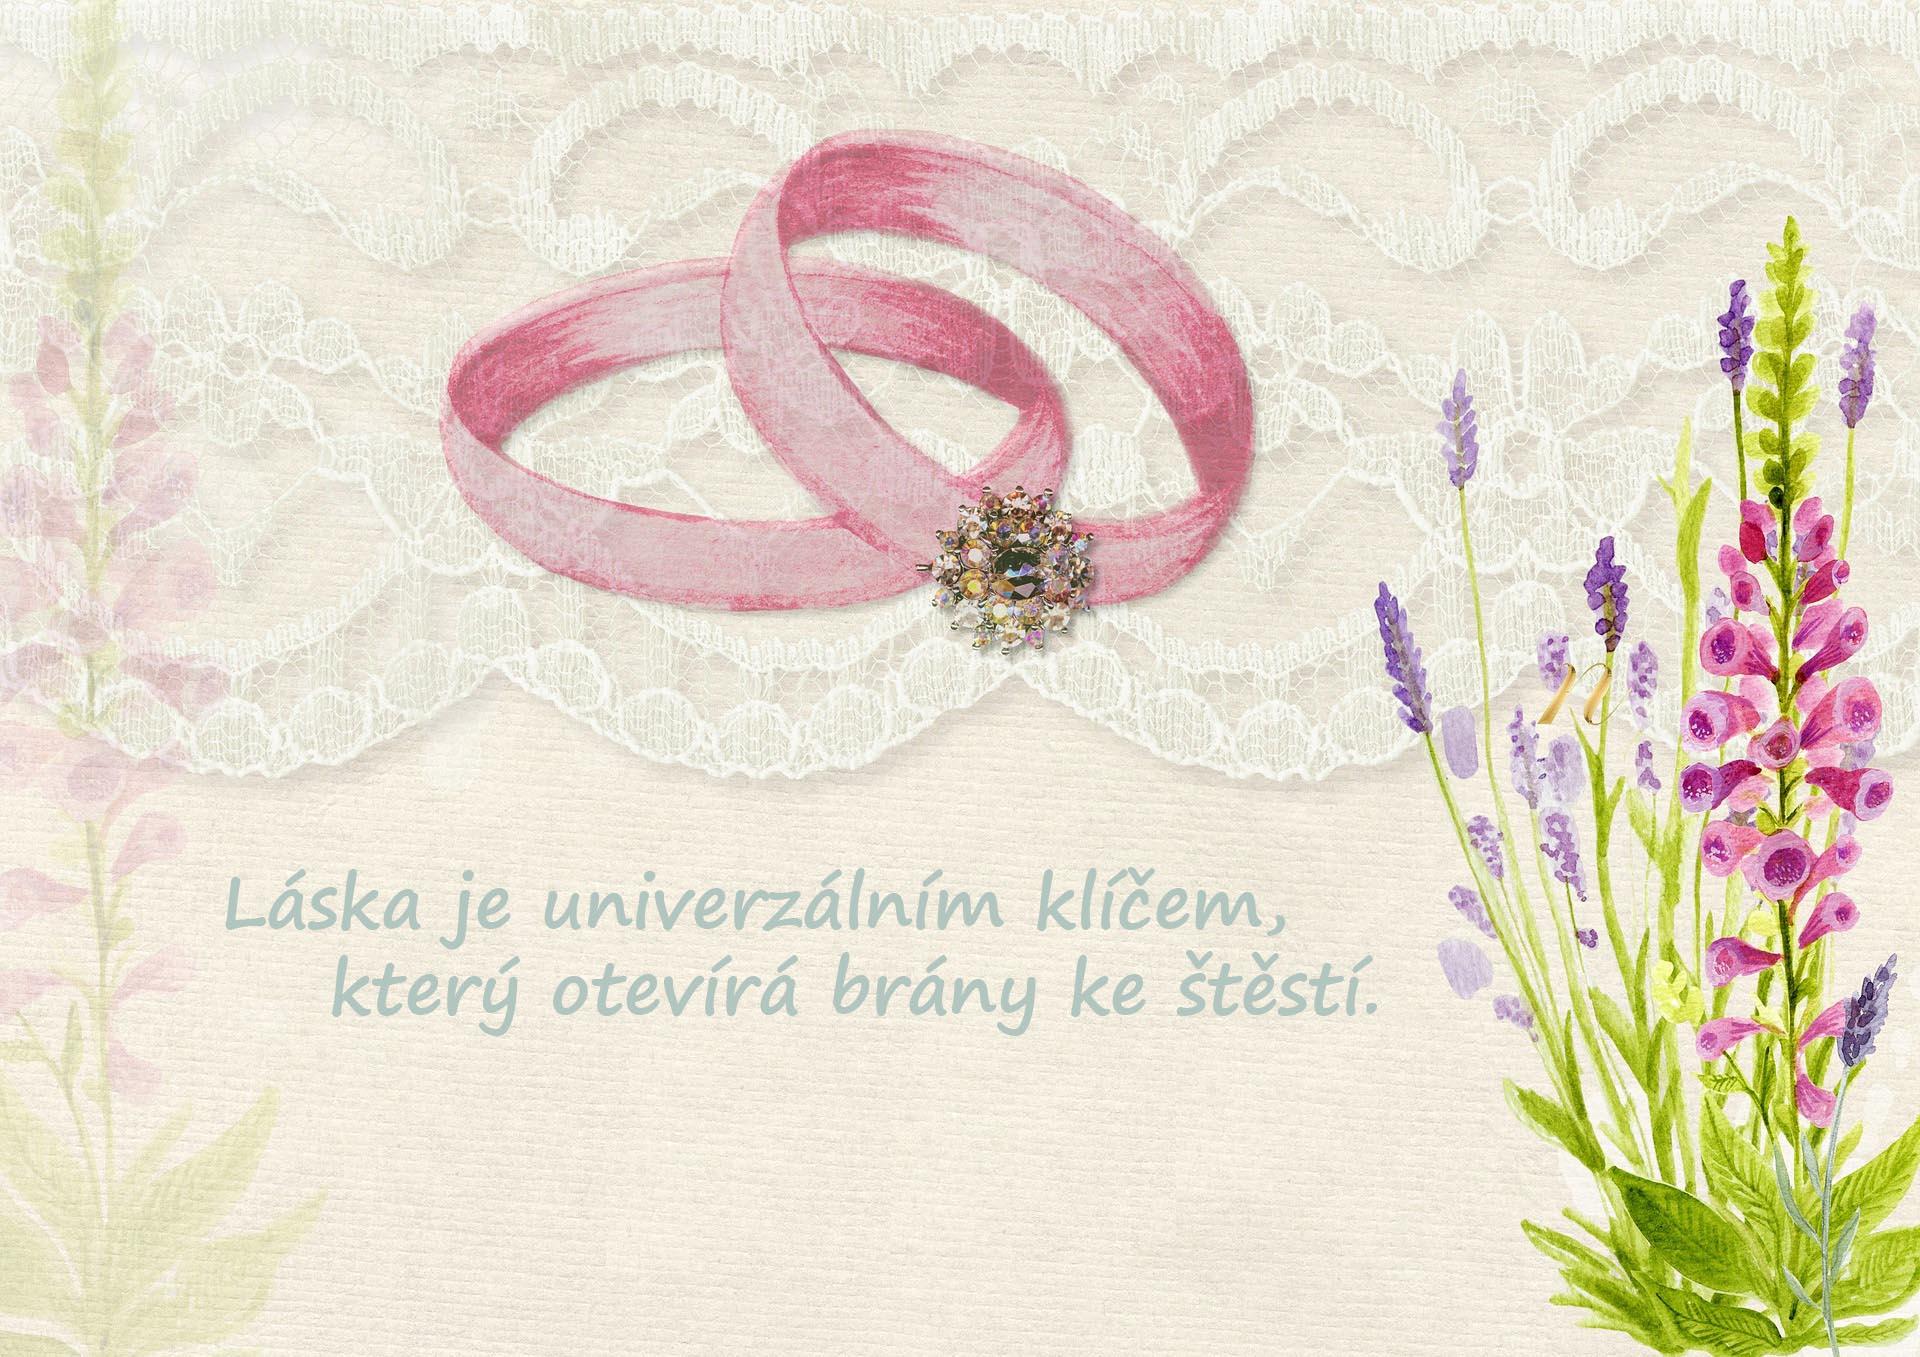 Verše a citáty na svatební přání